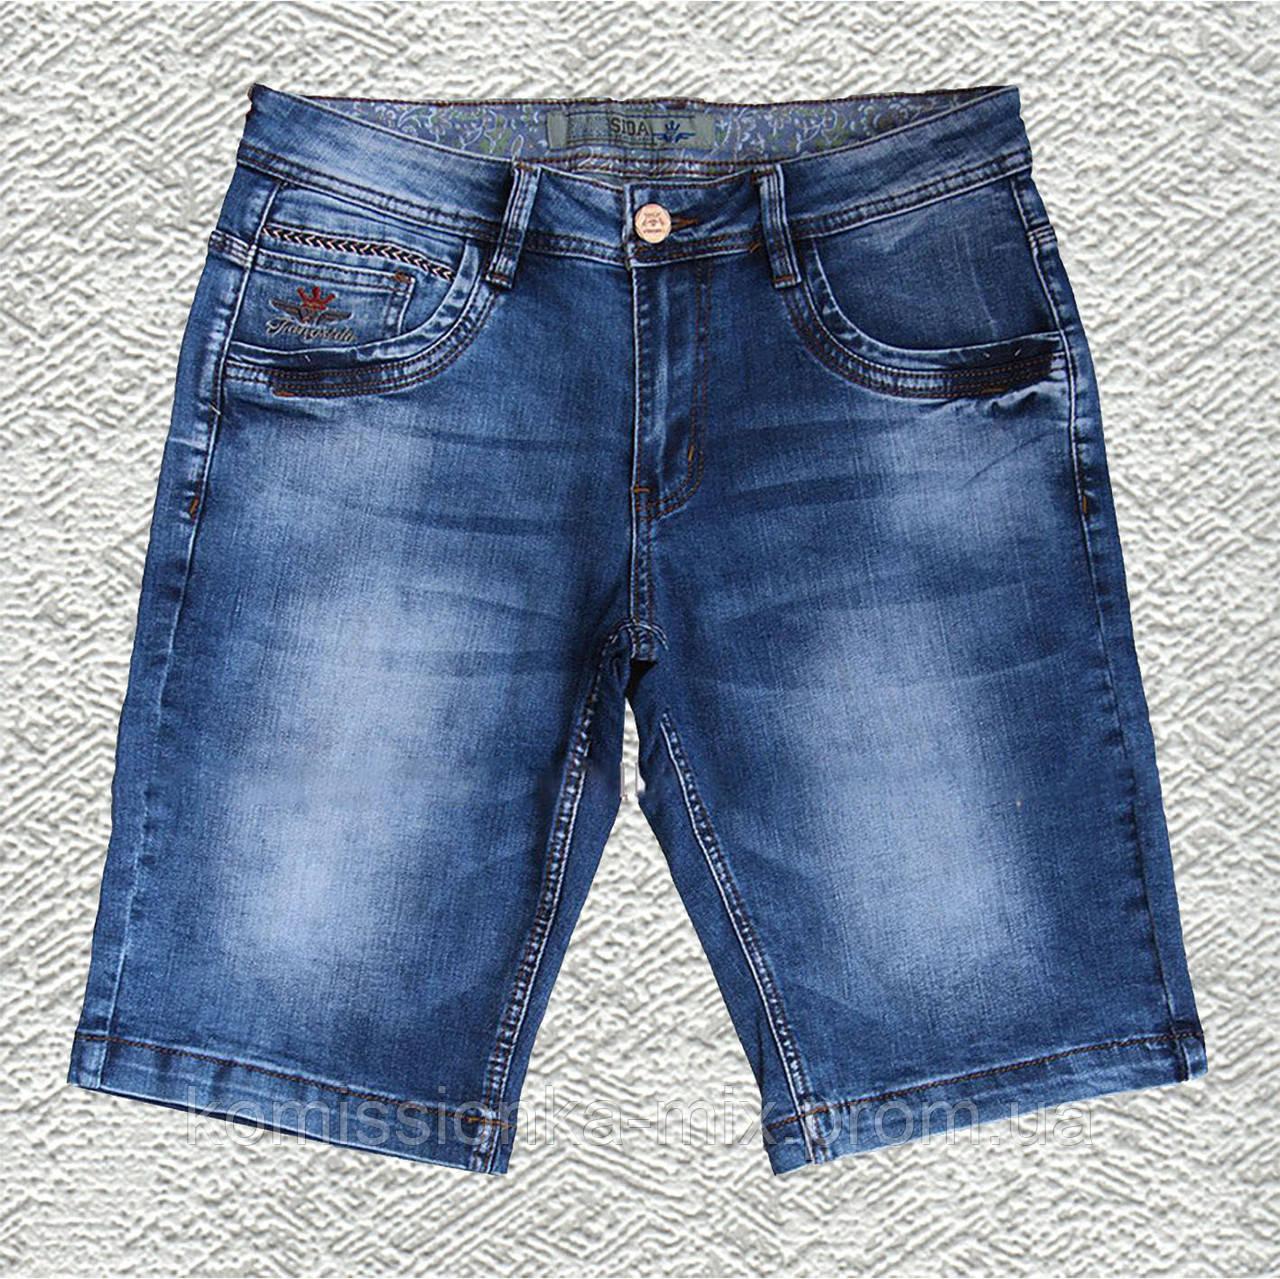 Шорты джинсовые FANGSIDA  Размеры: 32, 33